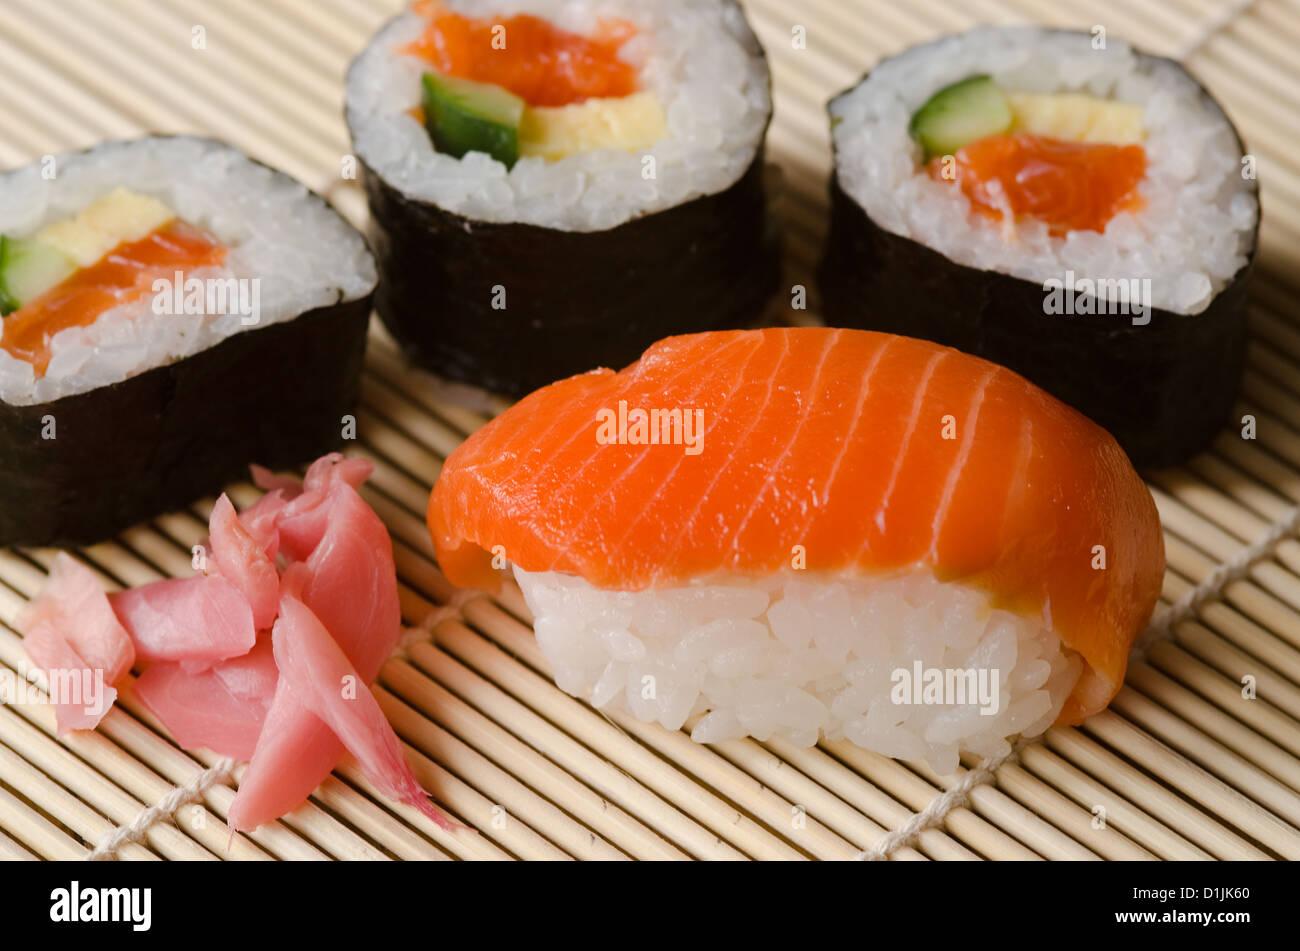 Japanese Cuisine, Sushi Set with Salmon, sushi rolls and gari ginger - Stock Image